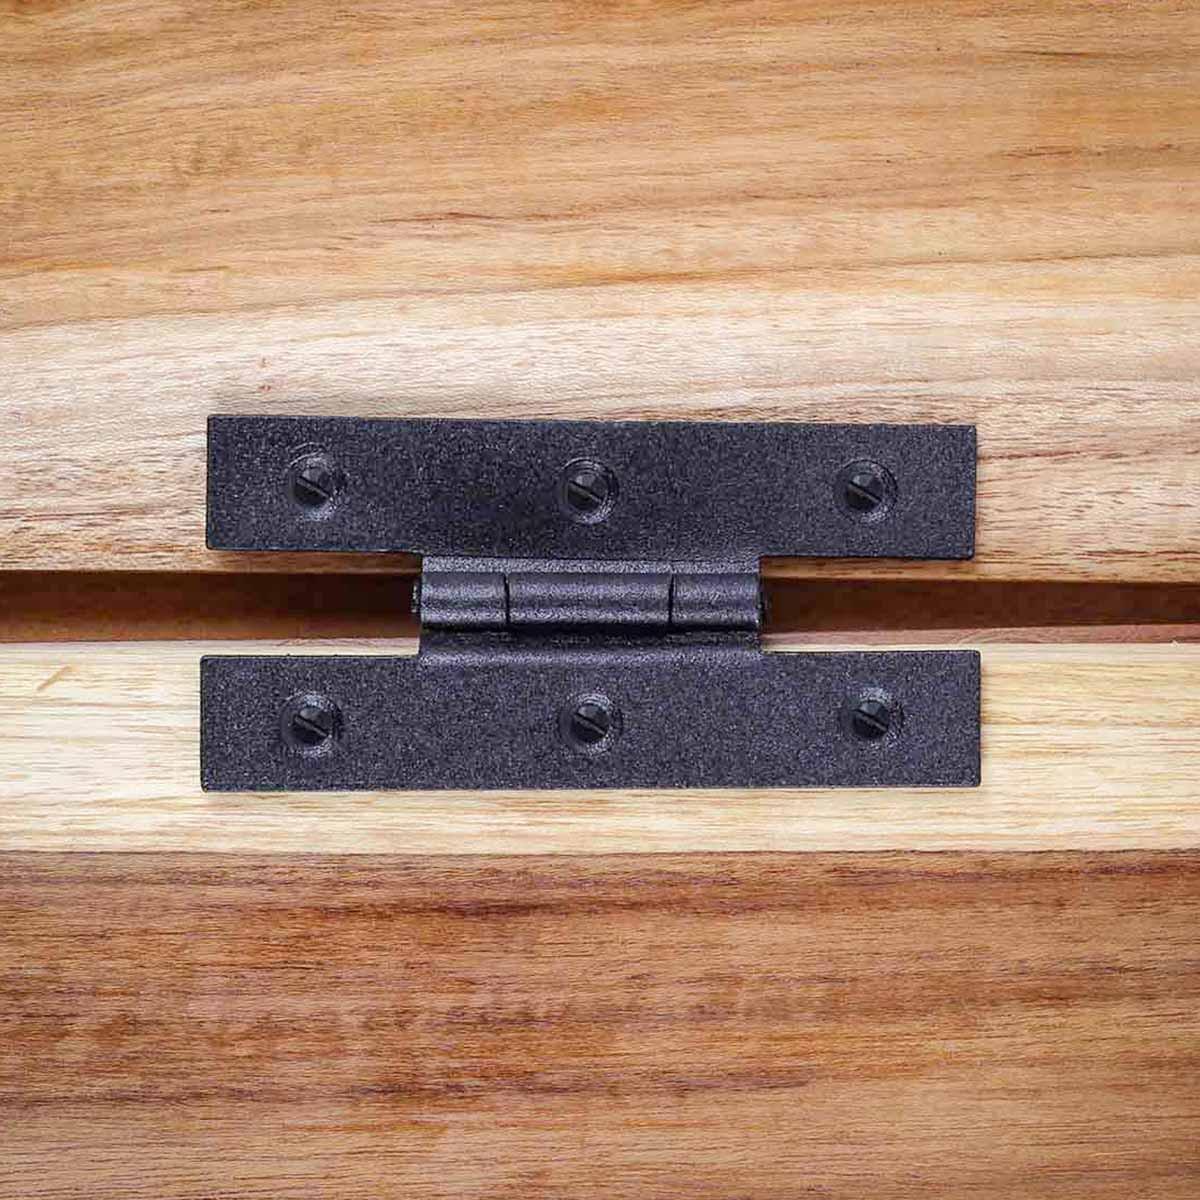 Cast Iron Cabinet H Hinge Style 3 12 H 38 Offset Set of 2 Door Hinges Door Hinge Solid Brass Hinge